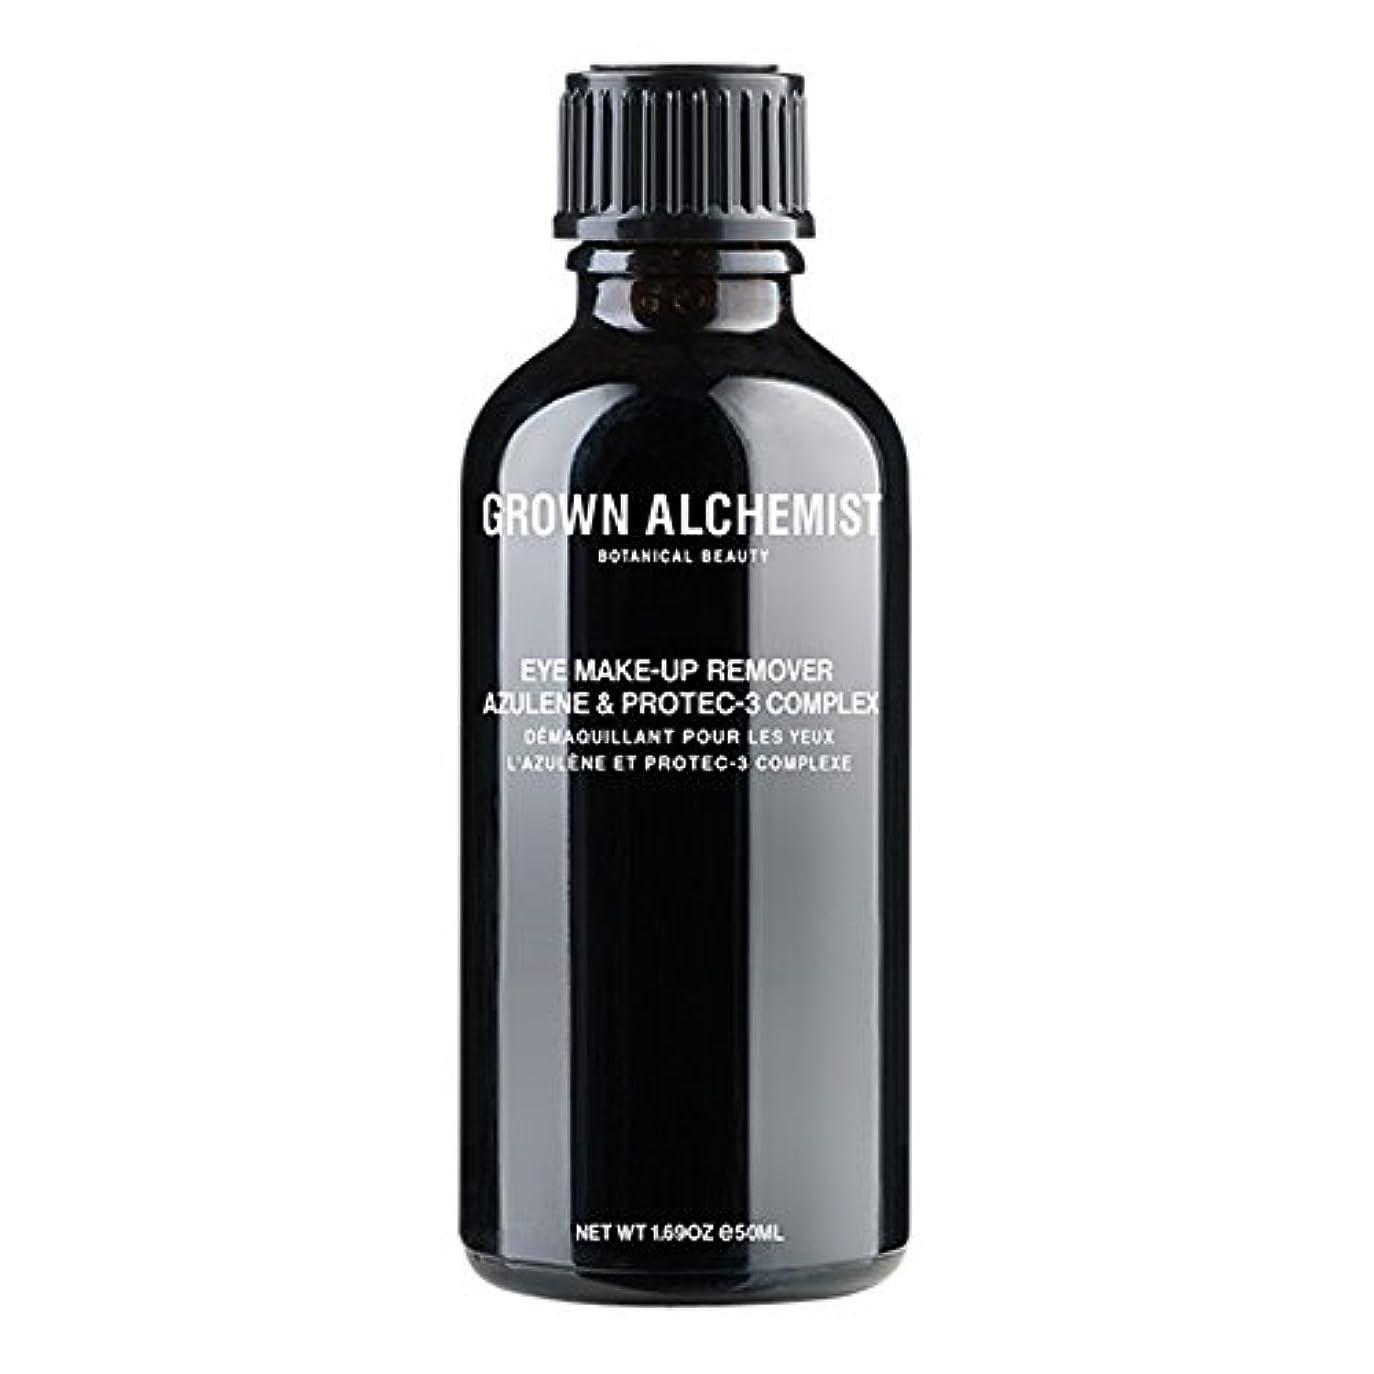 ビール個人病院成長した錬金術師アズレン&Protec-3アイメイクアップリムーバーの50ミリリットル (Grown Alchemist) - Grown Alchemist Azulene & Protec-3 Eye-Makeup...